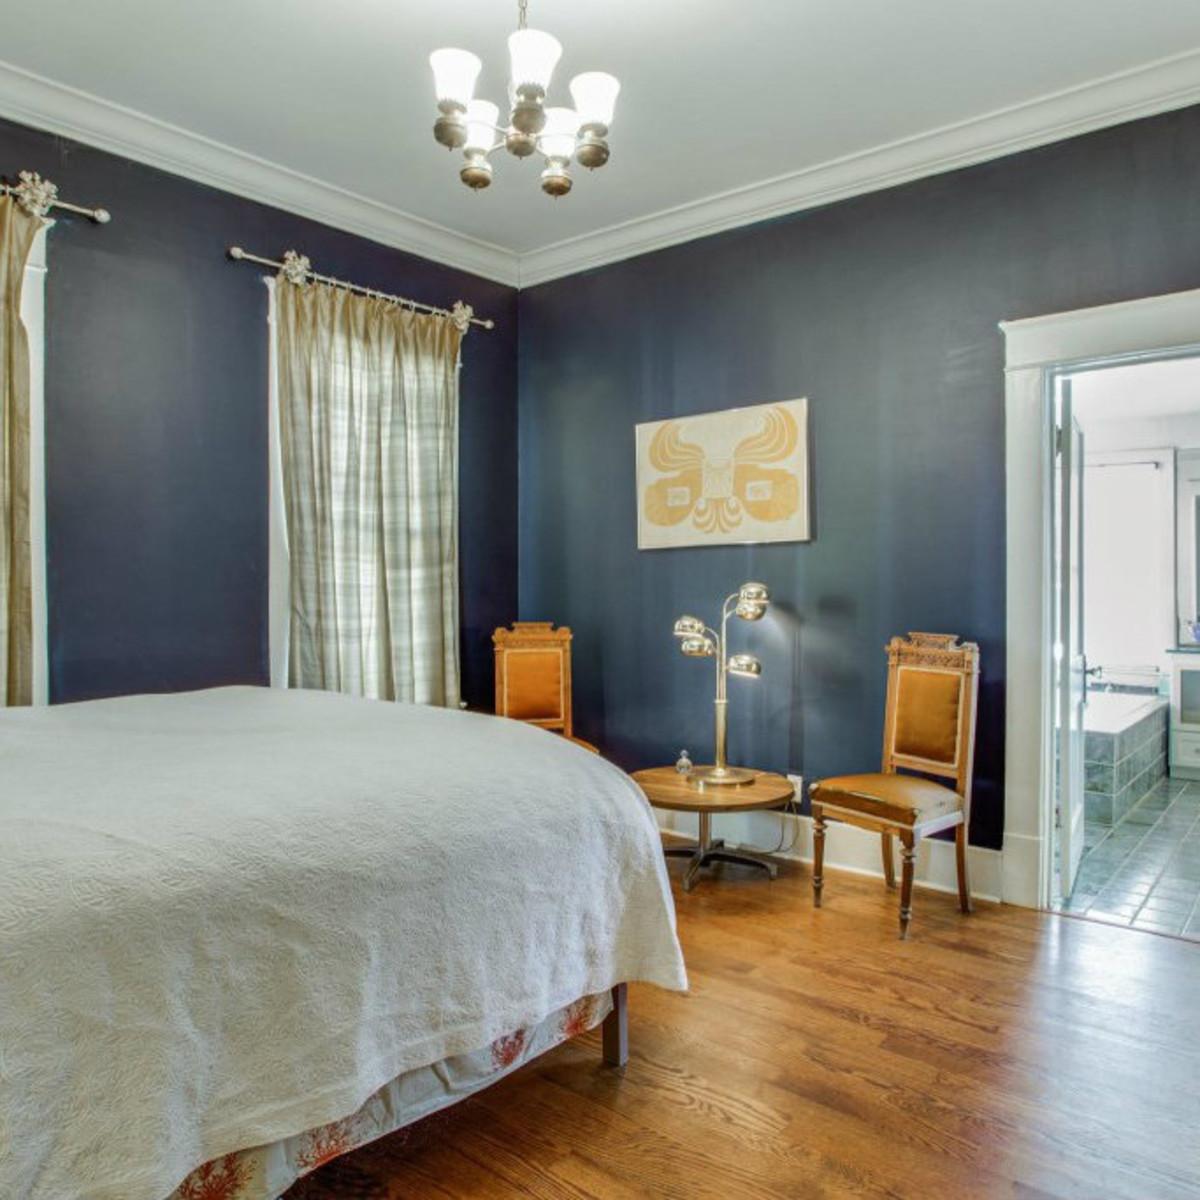 118 N. Winnetka master bedroom